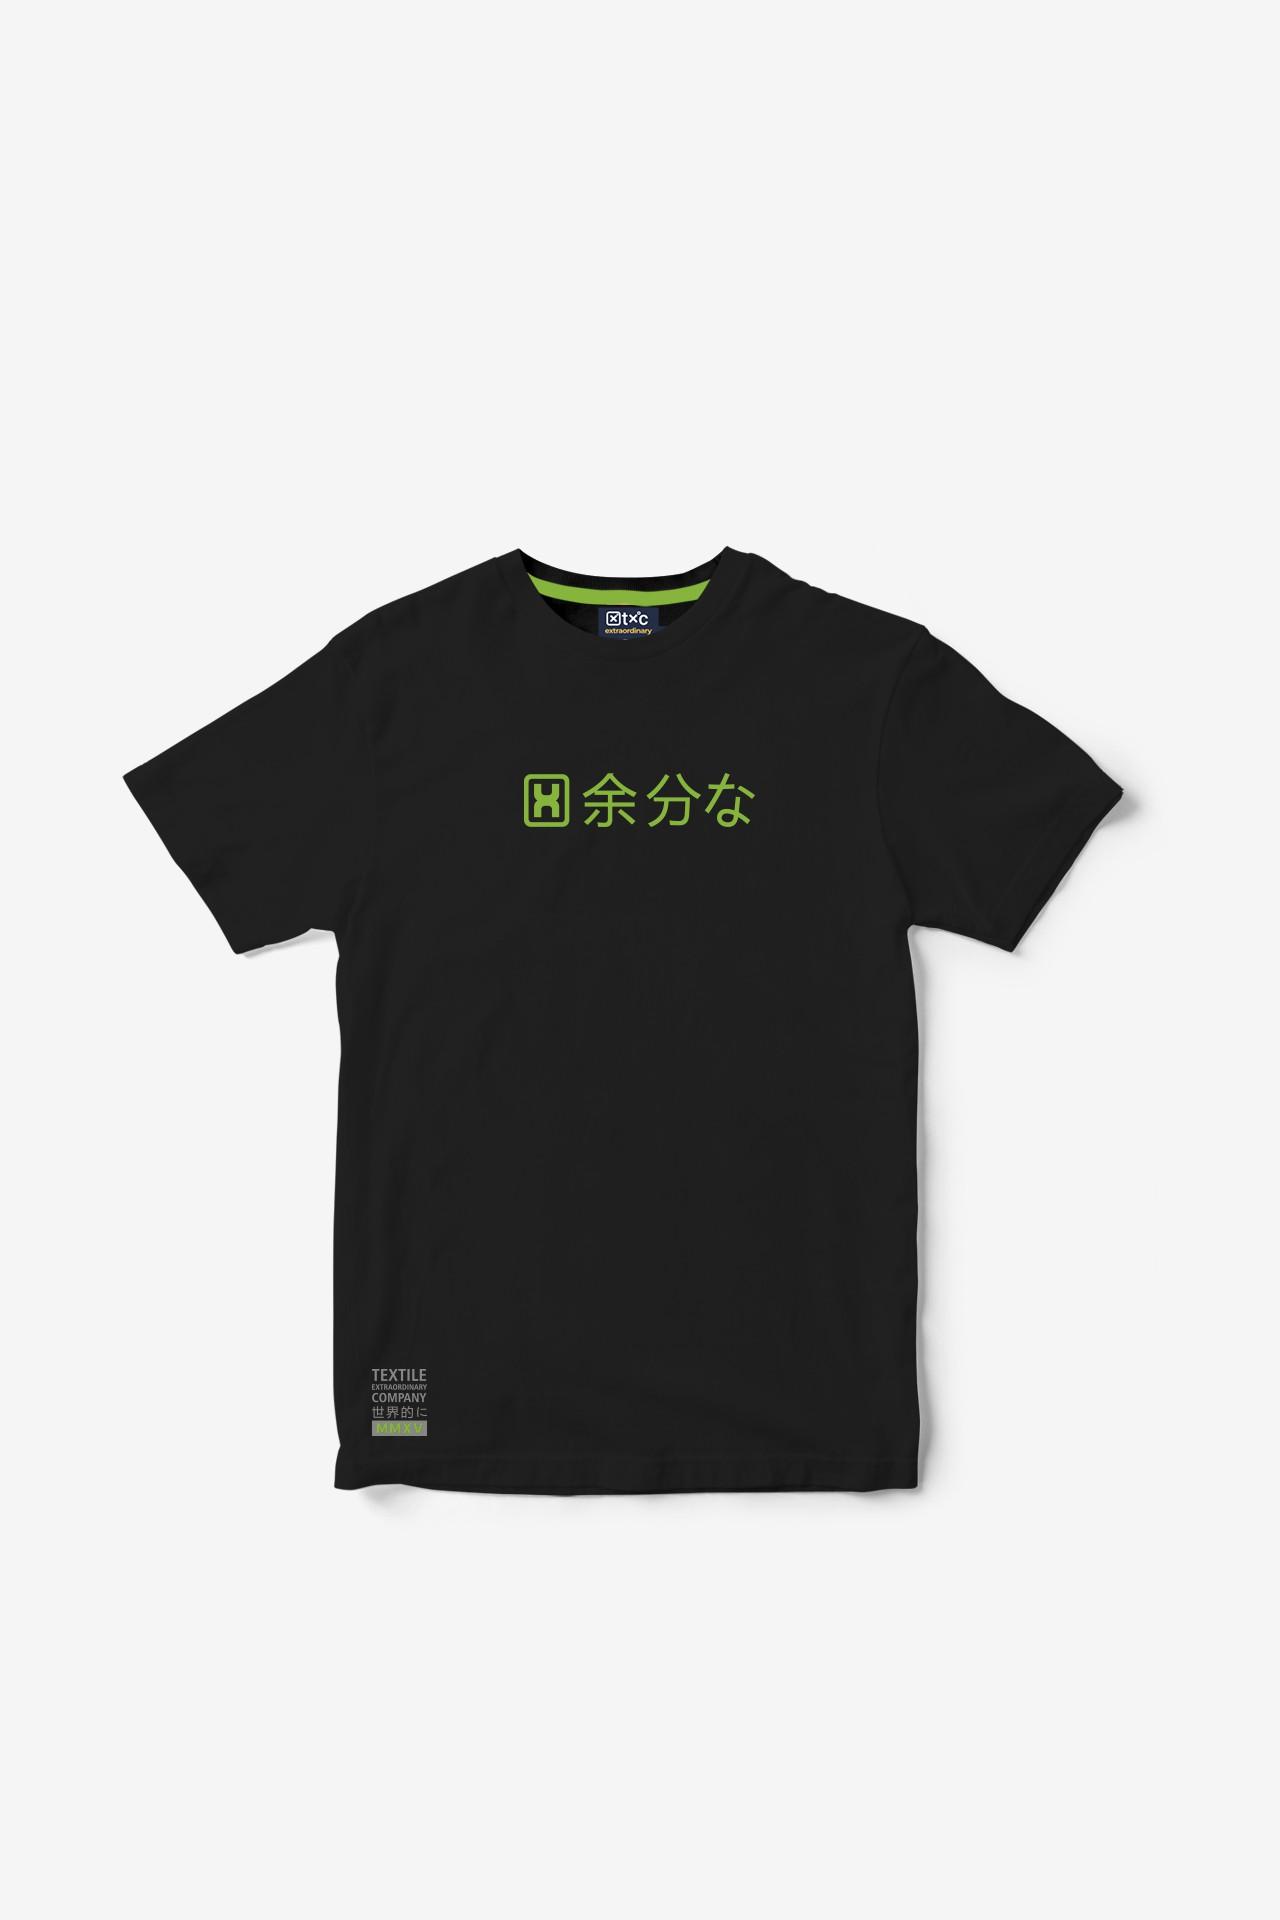 Camiseta TXC Brand 19125